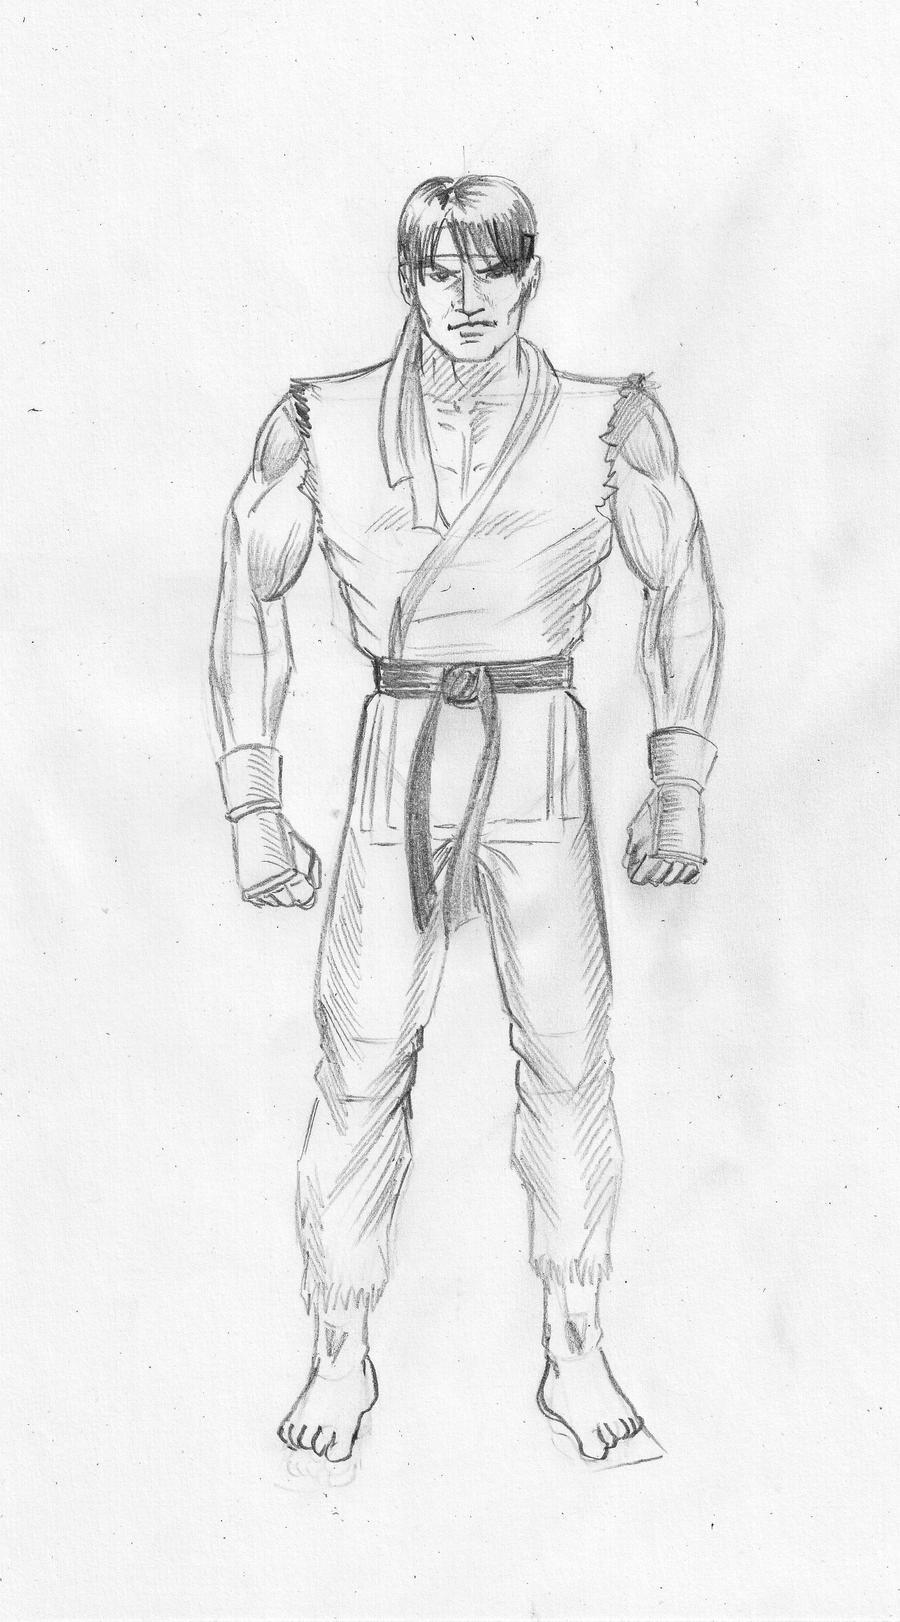 Street Fighter Ryu by gamerfan2000